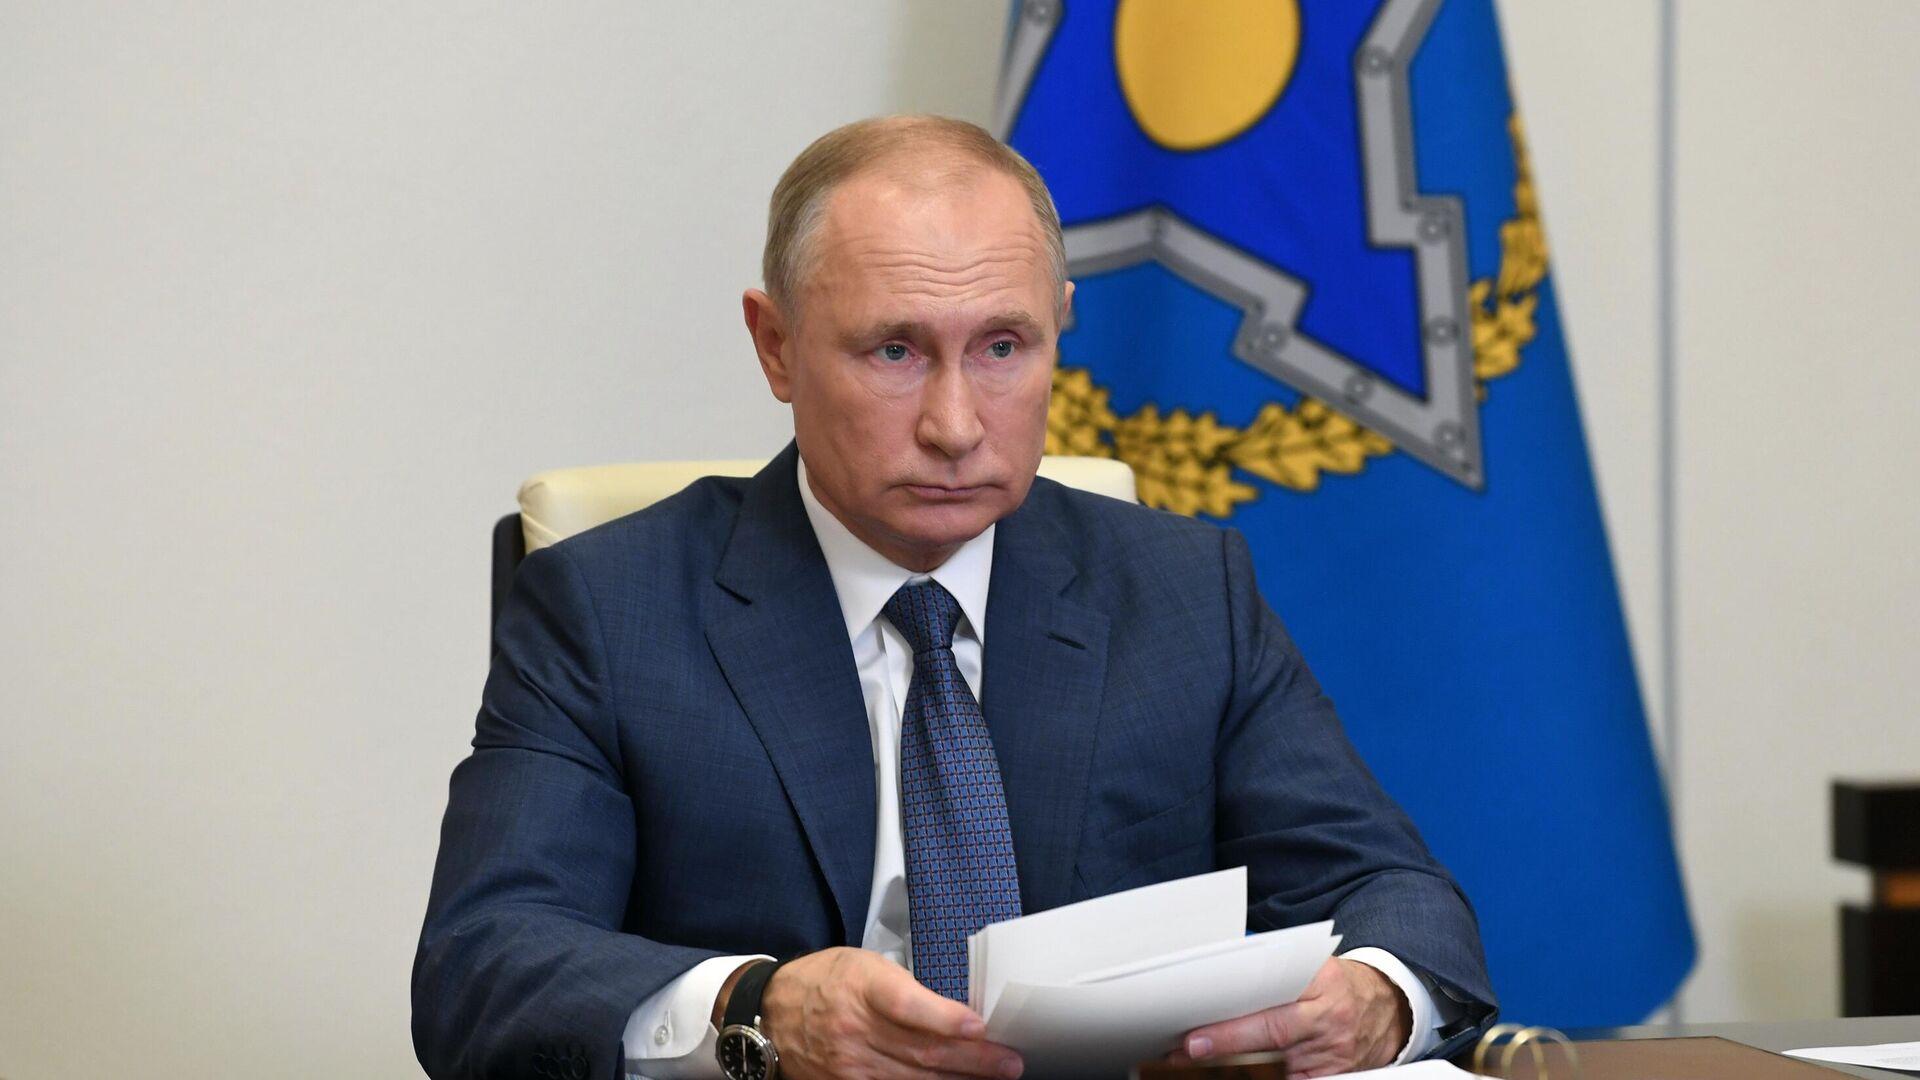 Президент РФ Владимир Путин проводит сессию Совета коллективной безопасности ОДКБ - РИА Новости, 1920, 05.12.2020